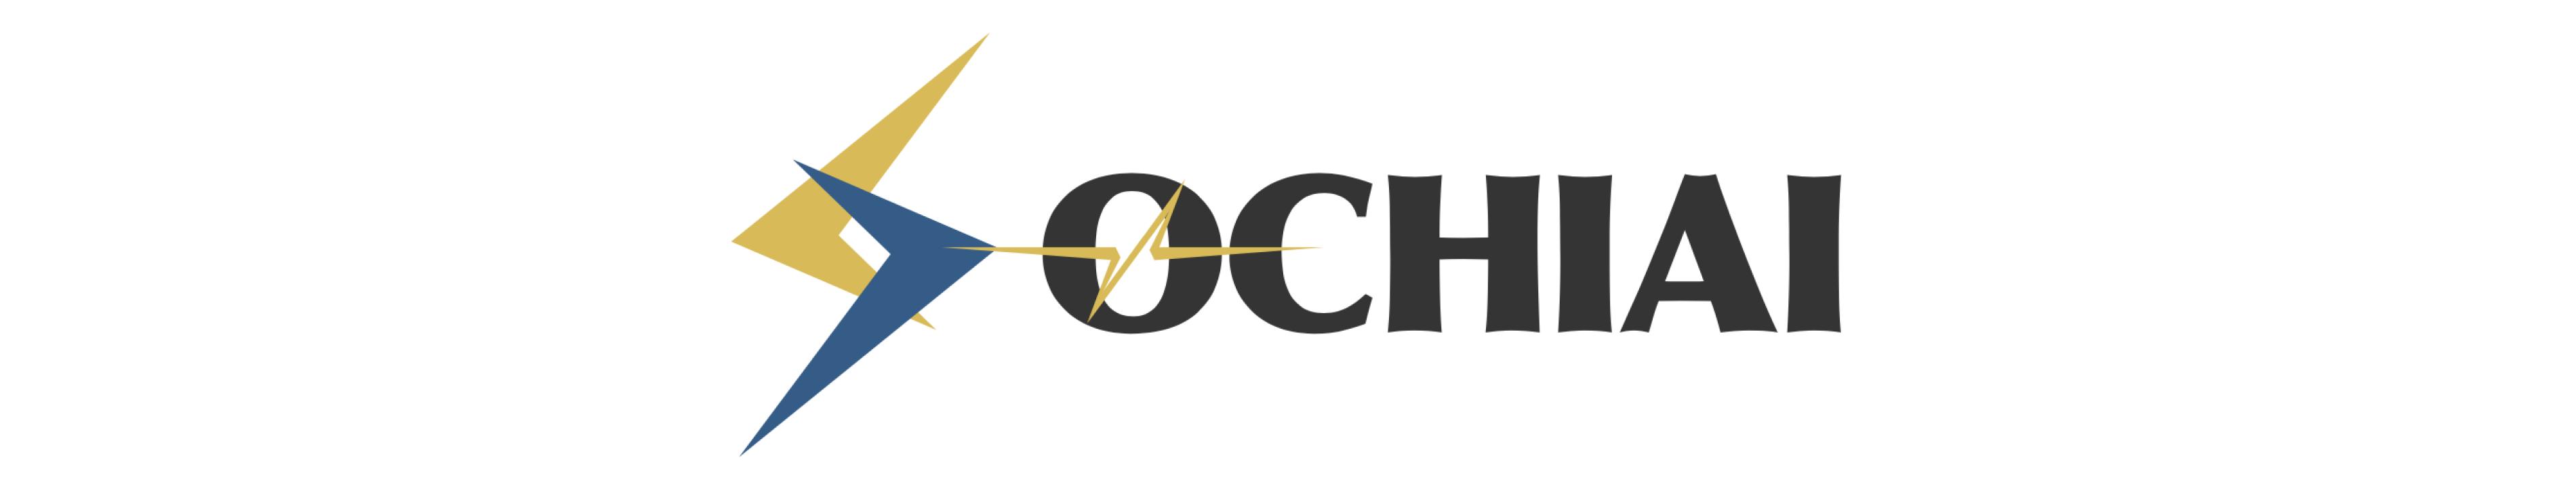 株式会社OCHIAI